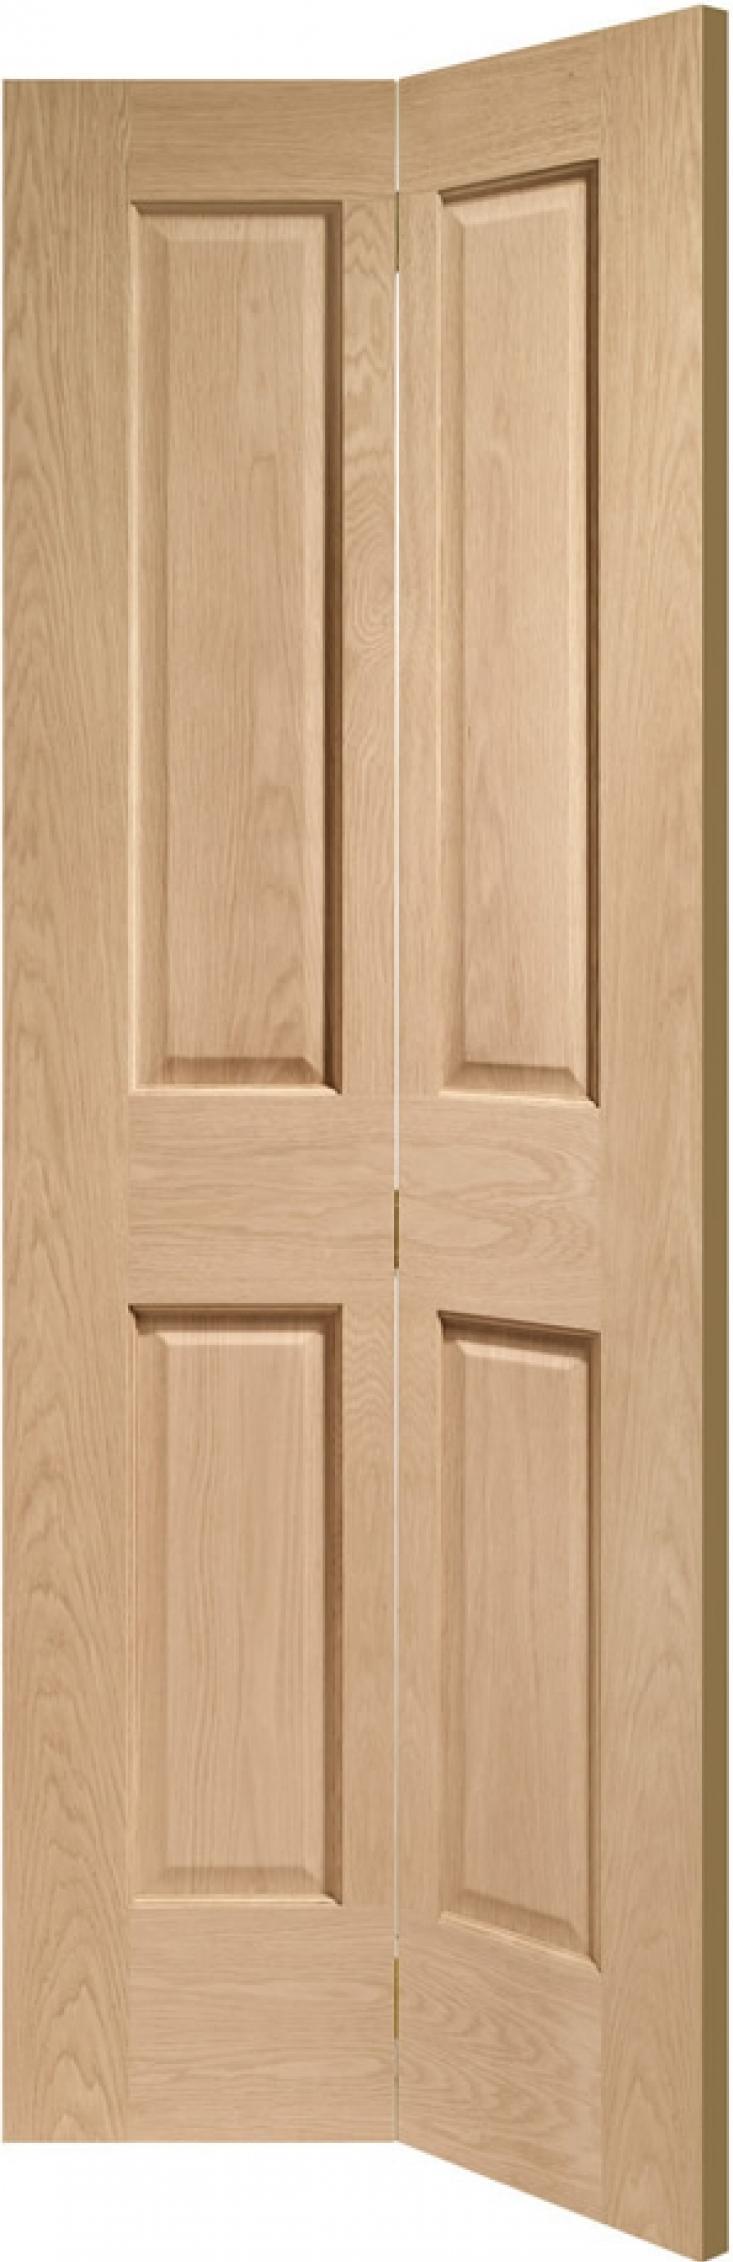 Victorian Oak 4 Panel Bifold Door